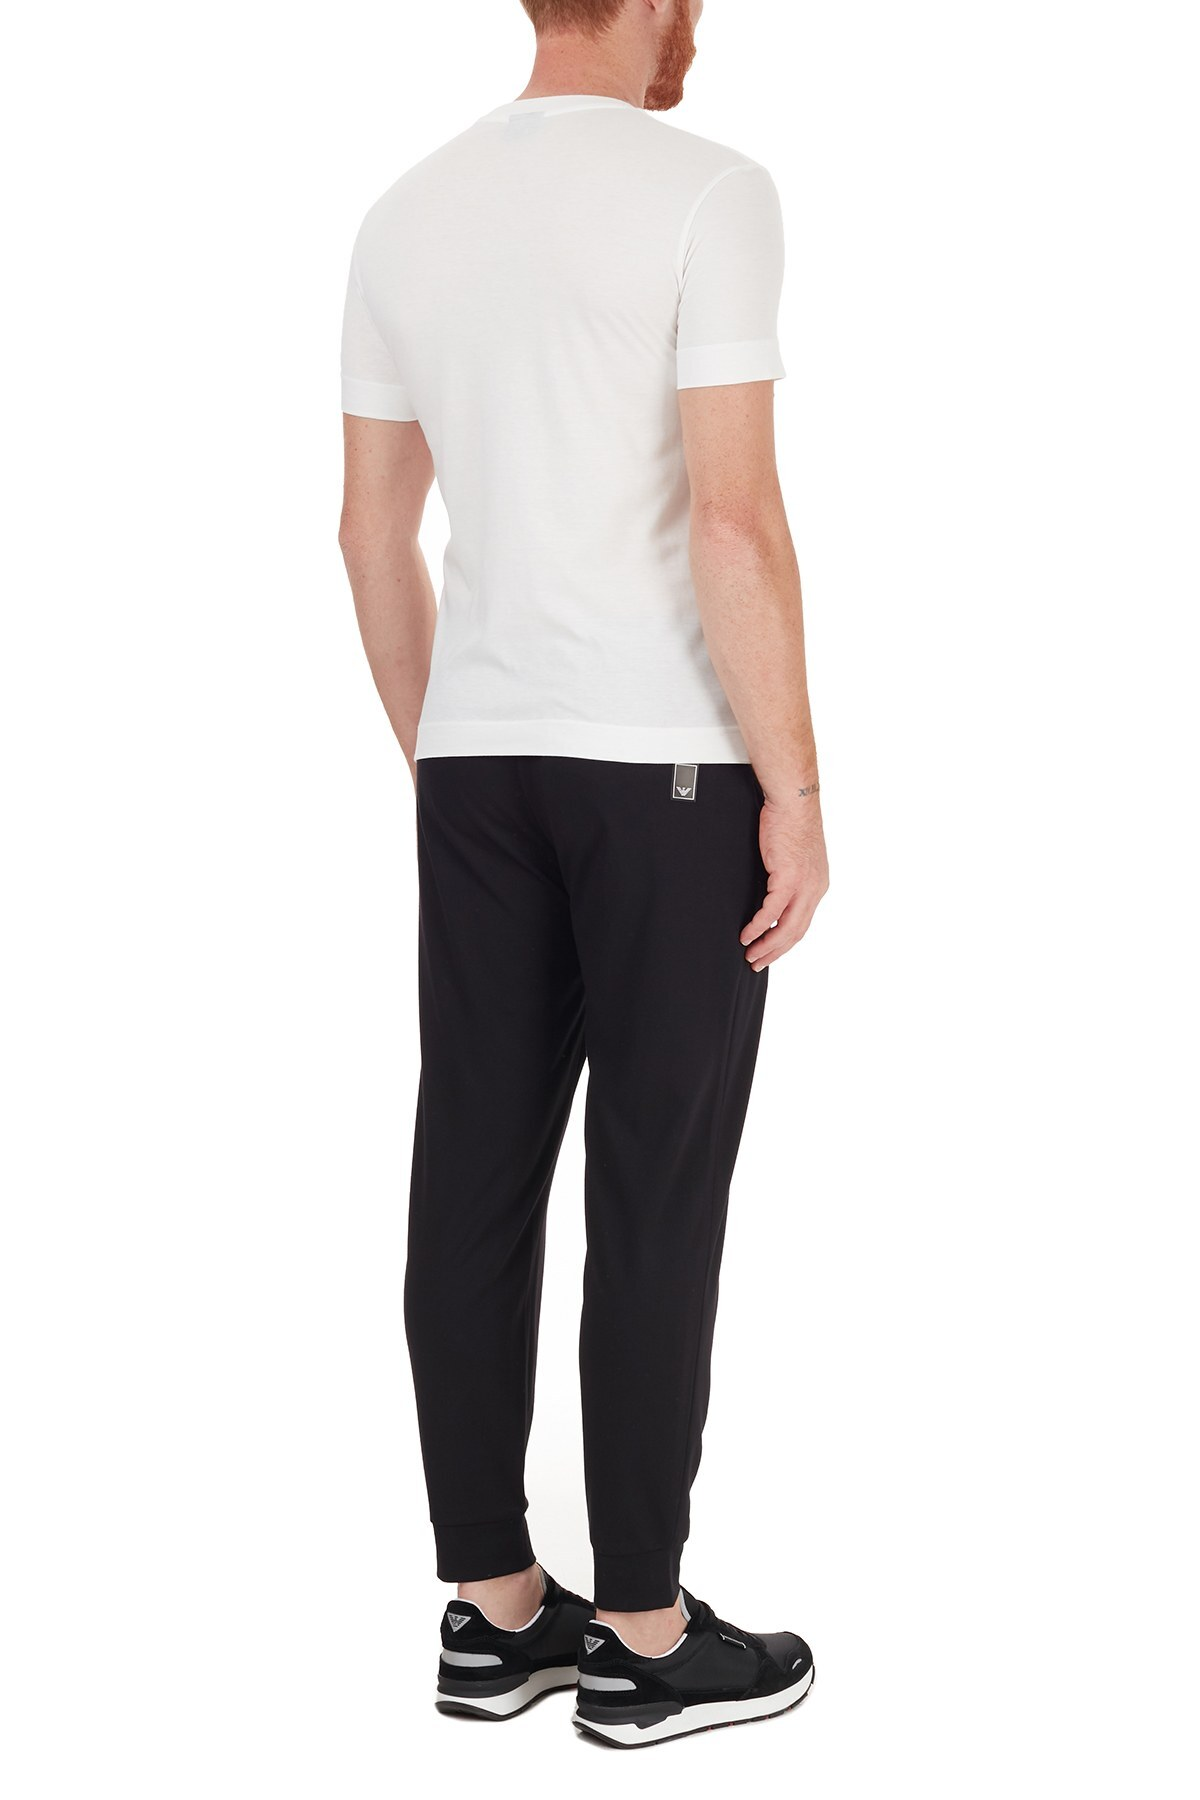 Emporio Armani Regular Fit Jogger Erkek Pantolon 6H1P78 1JEZZ 0999 SİYAH